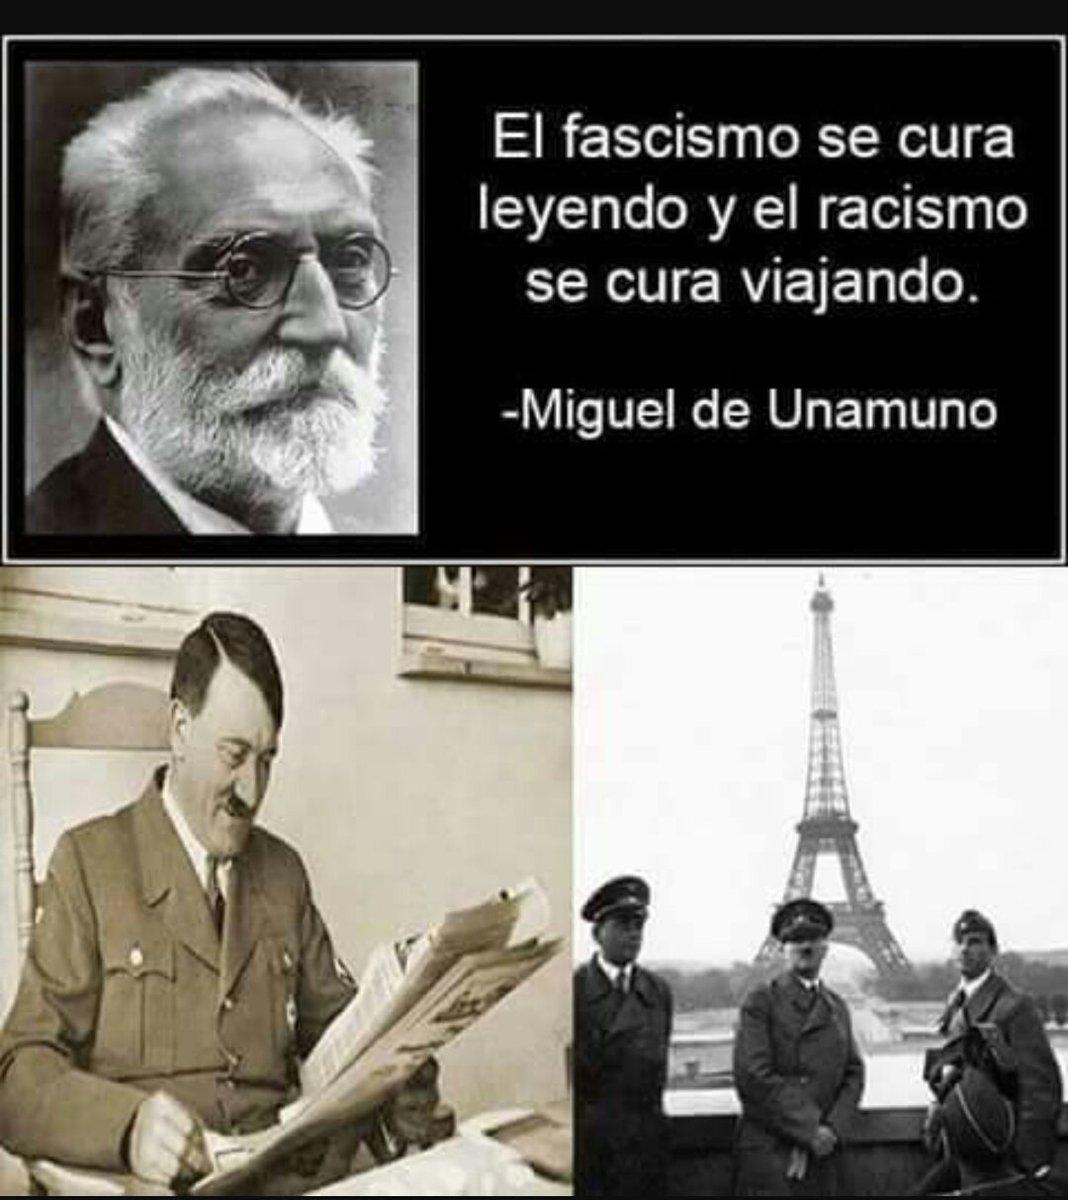 Hitler era un incomprendido :v - meme